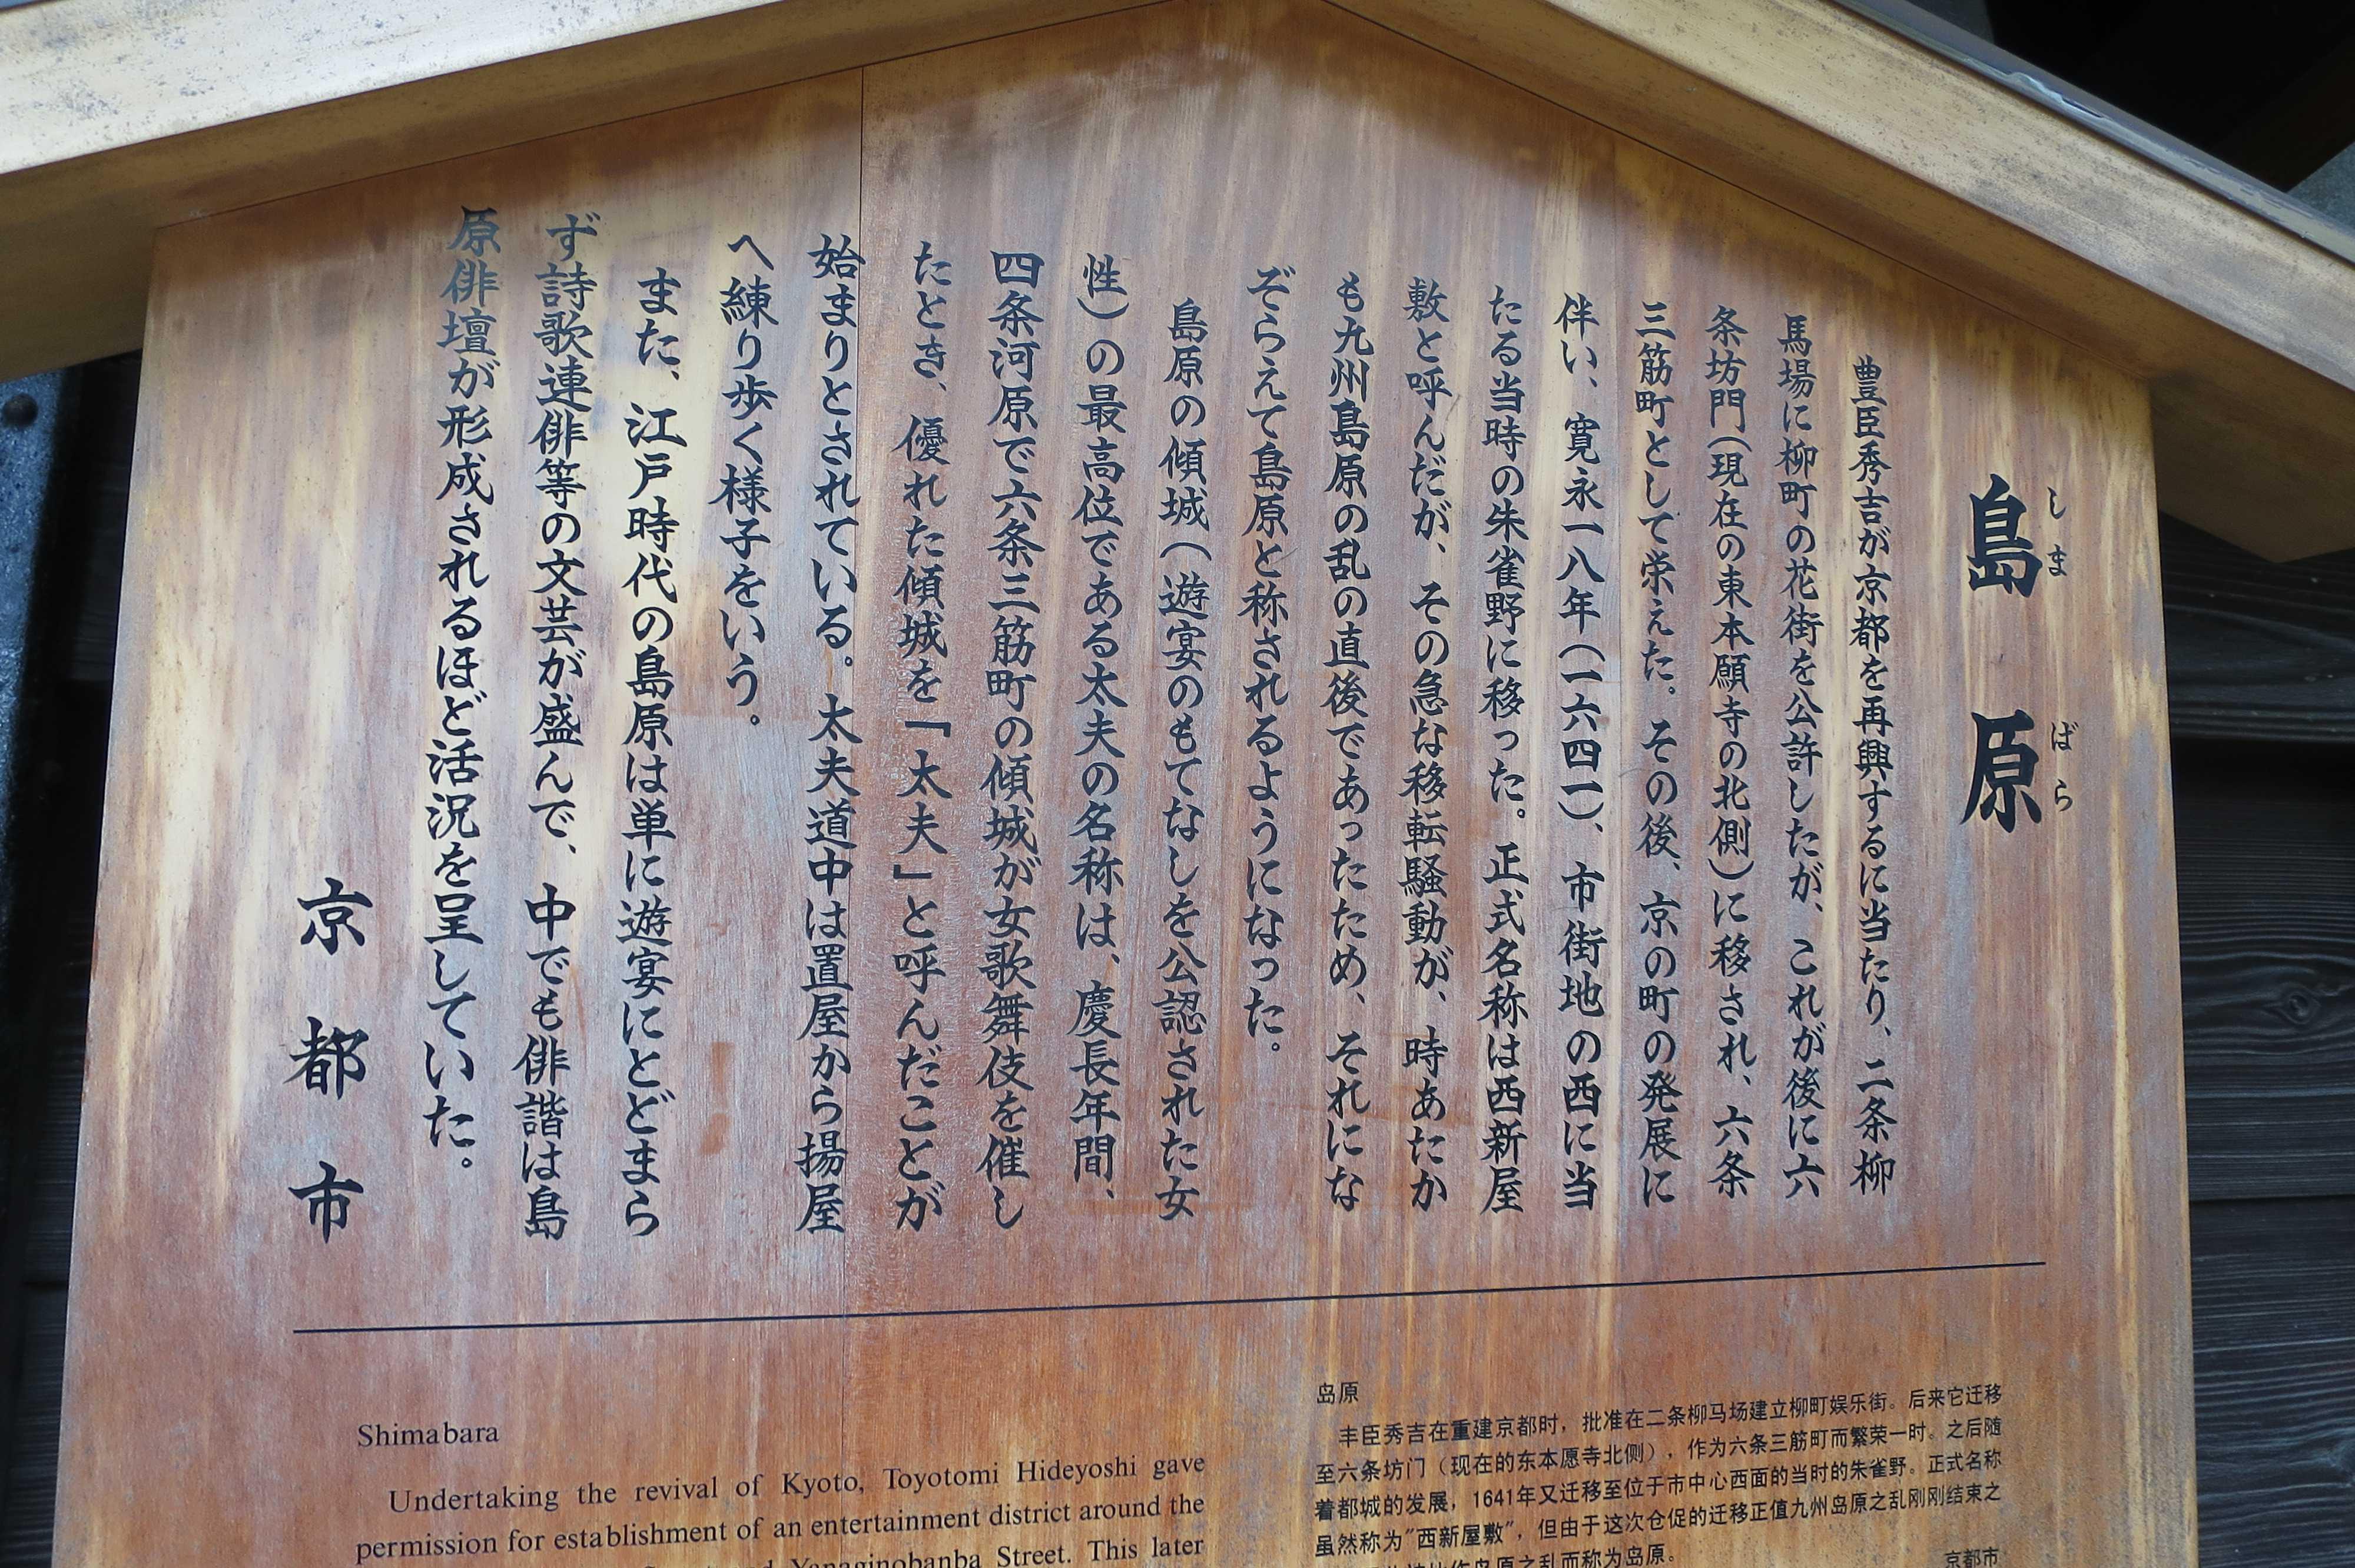 島原(しまばら)の京都市の案内板